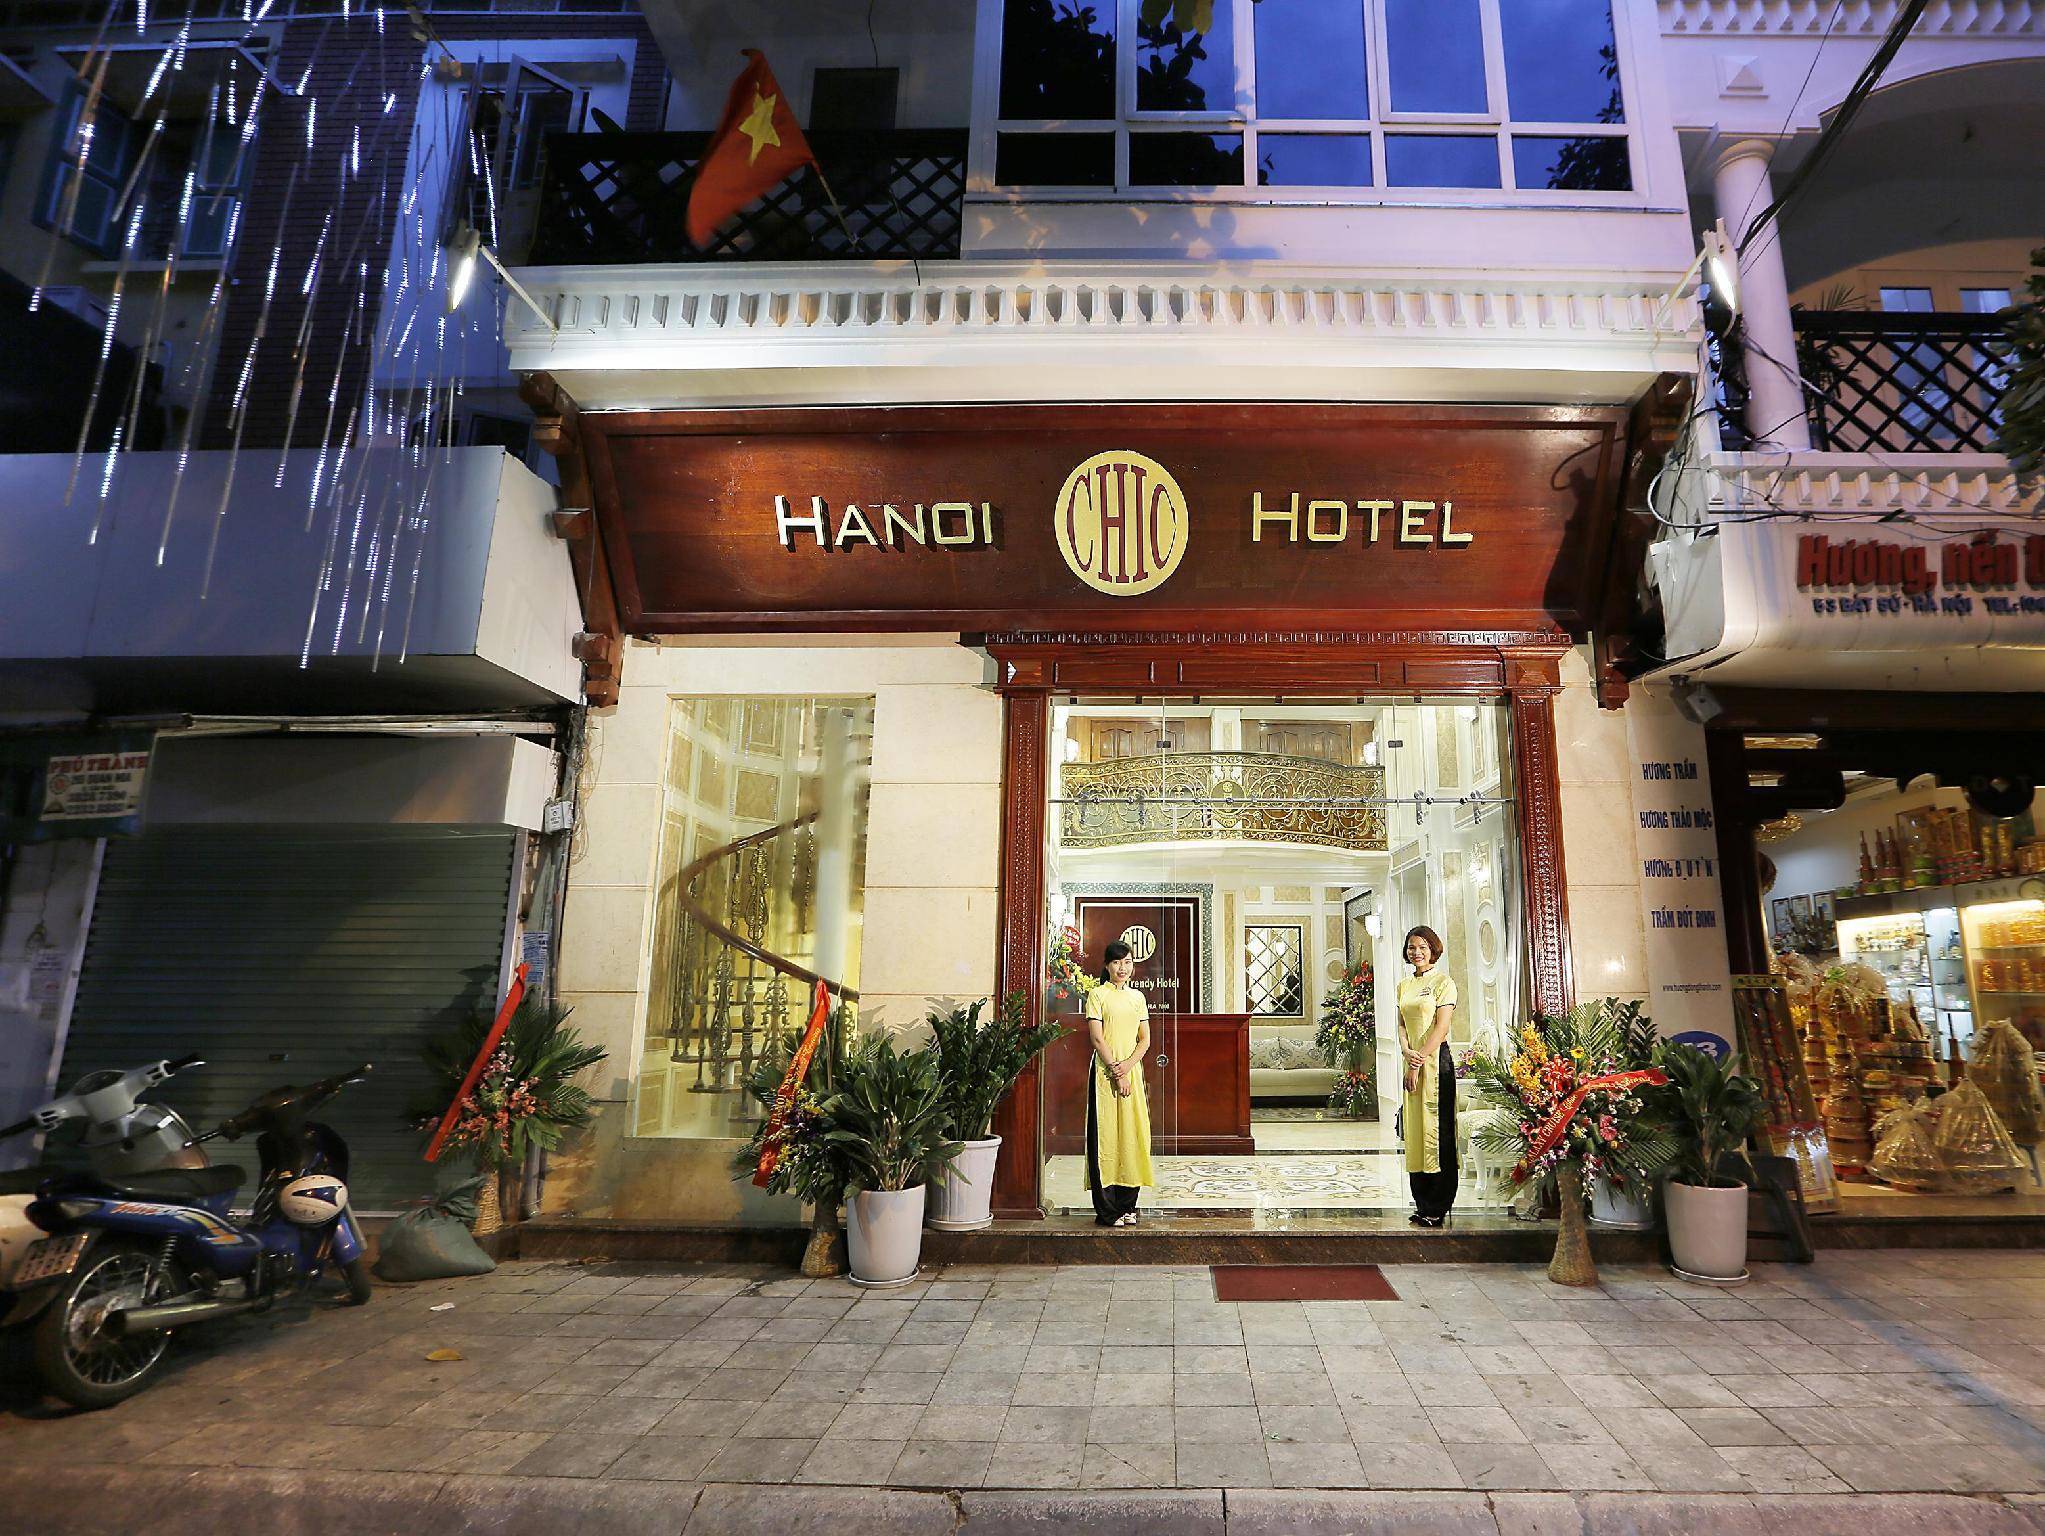 Hanoi Chic Boutique Hotel - Hanoi